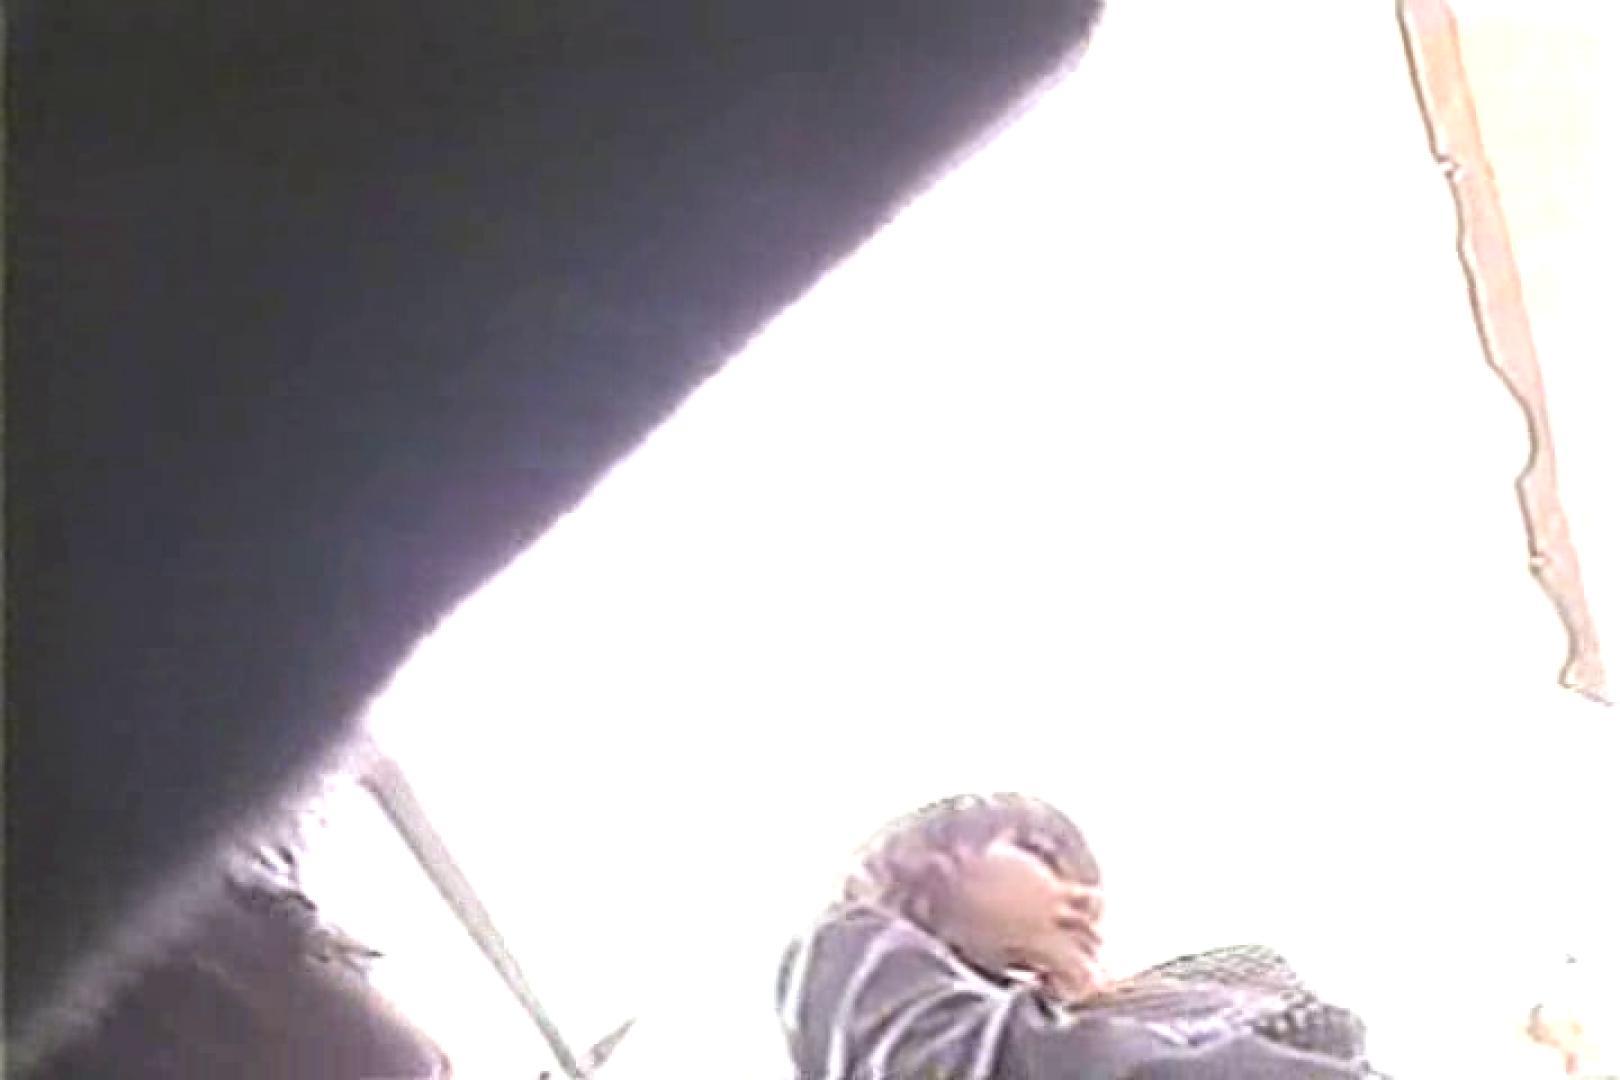 「ちくりん」さんのオリジナル未編集パンチラVol.2_02 OLヌード天国 AV動画キャプチャ 84PIX 54